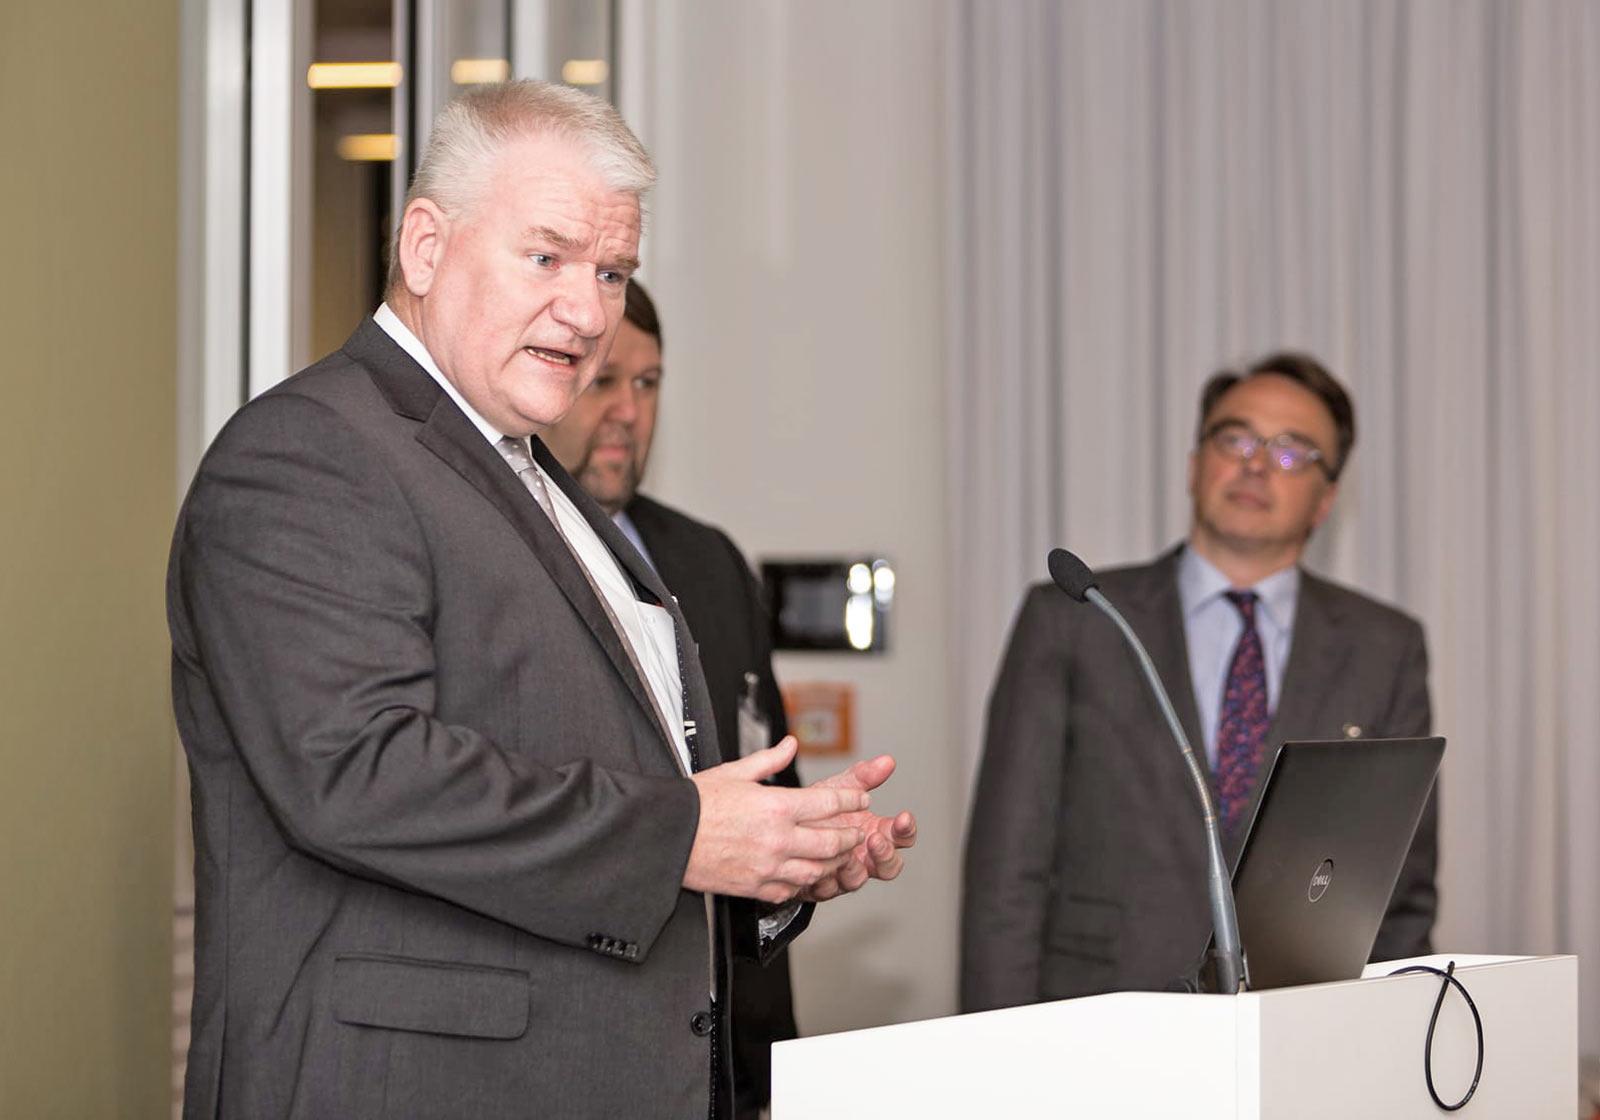 Siegfried Loewenguth plädierte für eine interdisziplinäre Zusammenarbeit beim Klinikbau. Foto: querformat/ Klinikimmobilie